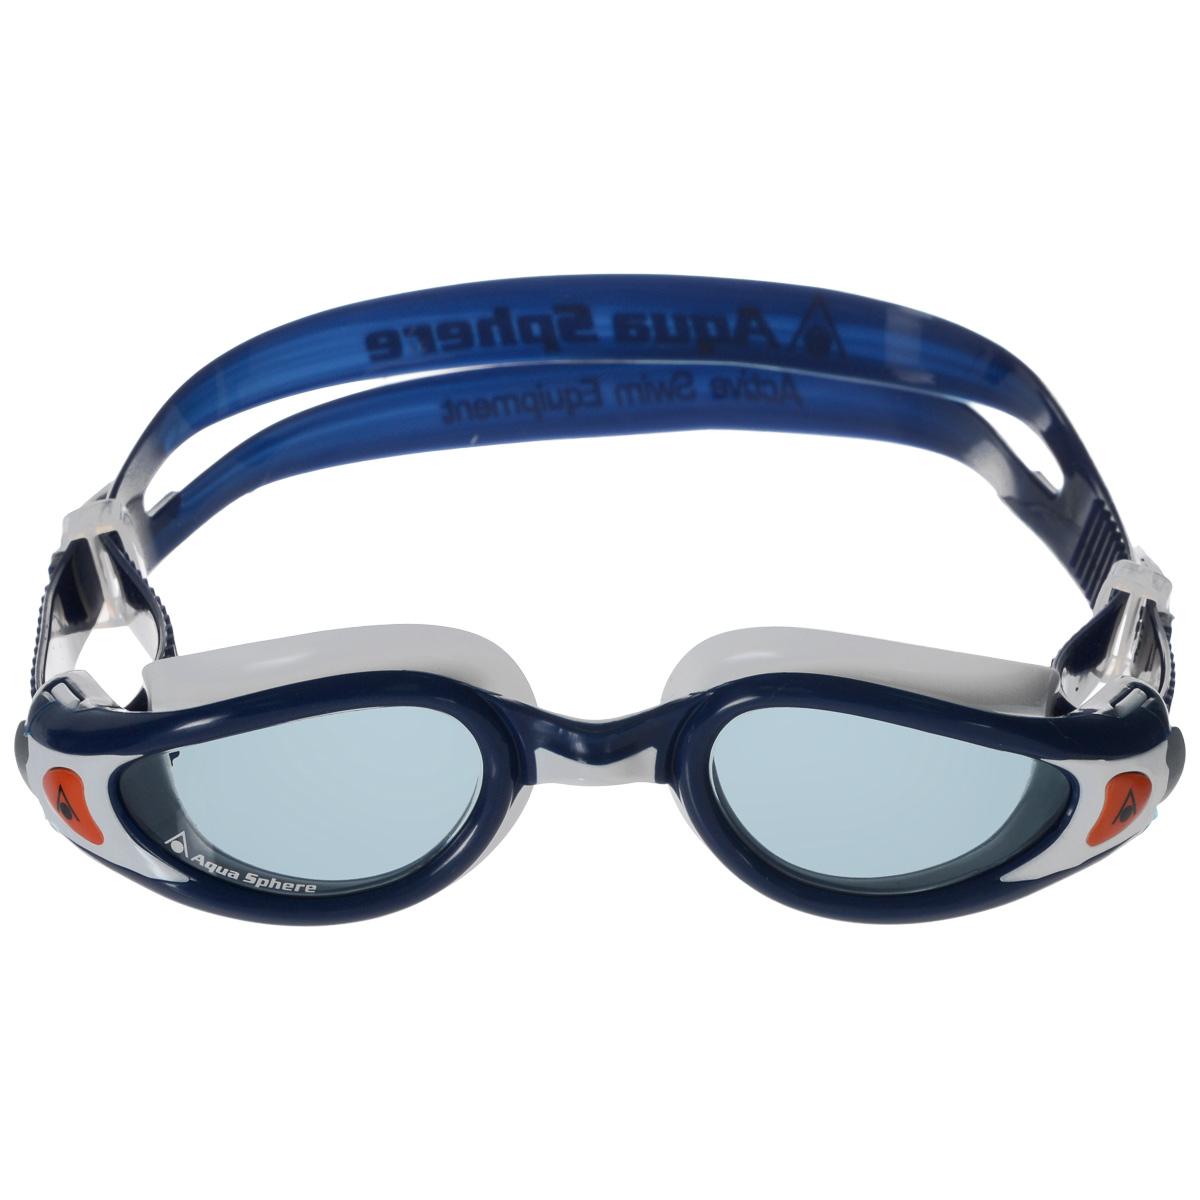 Очки для плавания Aqua Sphere Kaiman Exo Junior, цвет: белый, синийTN 175810Легкие детские очки Aqua Sphere Kaiman Exo (вес всего 34 грамма) идеально подходят для плавания в бассейне или открытой воде. Особая технология изогнутых линз позволяет обеспечить превосходный обзор в 180°, не искажая при этом изображение. Очки дают 100% защиту от ультрафиолетового излучения. Специальное покрытие препятствует запотеванию стекол. Новая технология каркаса EXO-core bi-material обеспечивает максимальную стабильность и комфорт. Подростковая обновленная версия популярных очков Aqua Sphere Kaiman сохраняет все лучшее от взрослой модели. Эластичная саморегулирующаяся переносица. Комфорт и долговечность. Низкопрофильный дизайн. Материал: софтерил, plexisol.